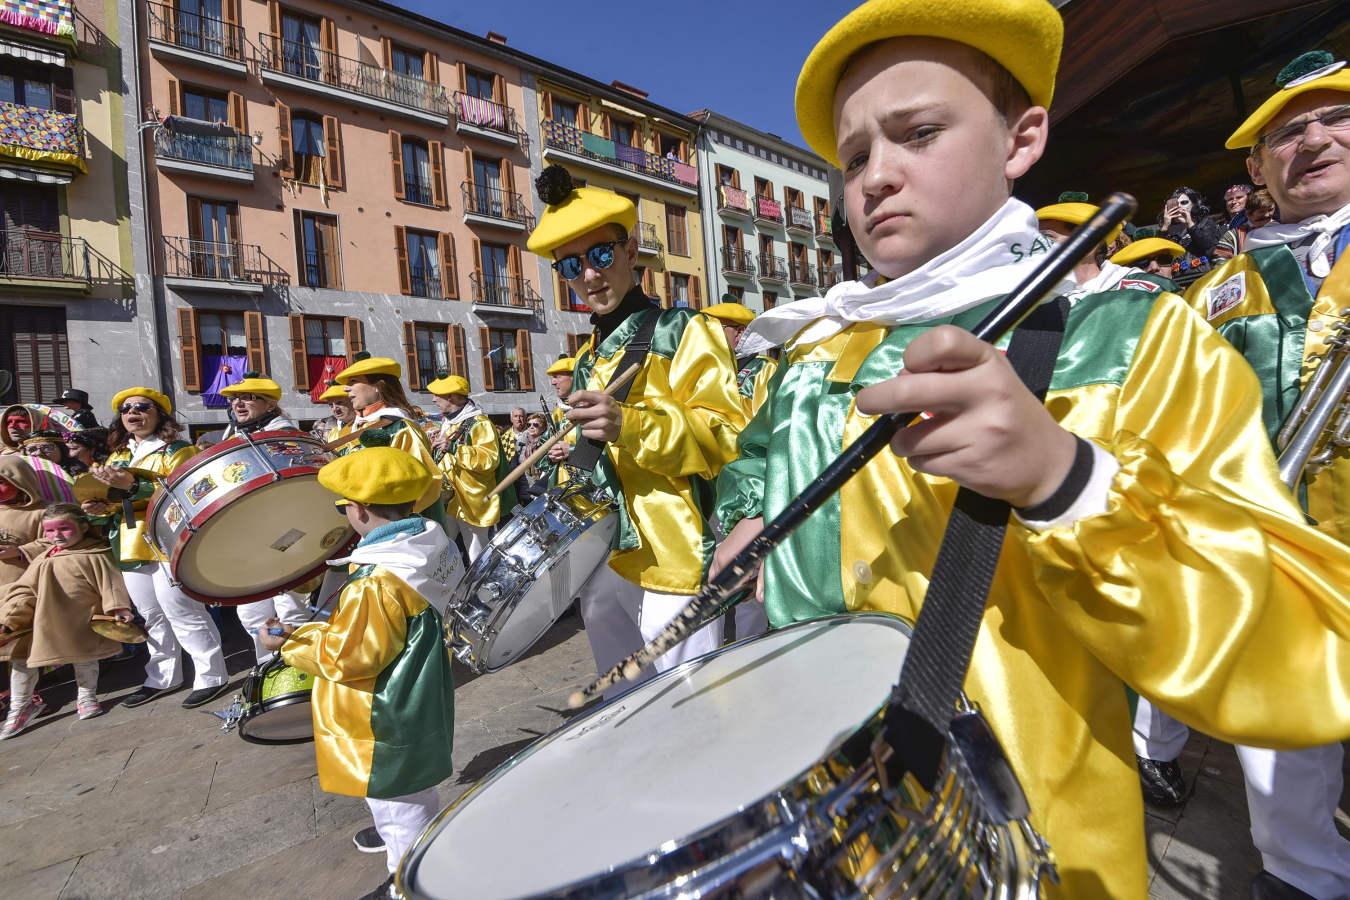 Último día de carnaval en Tolosa